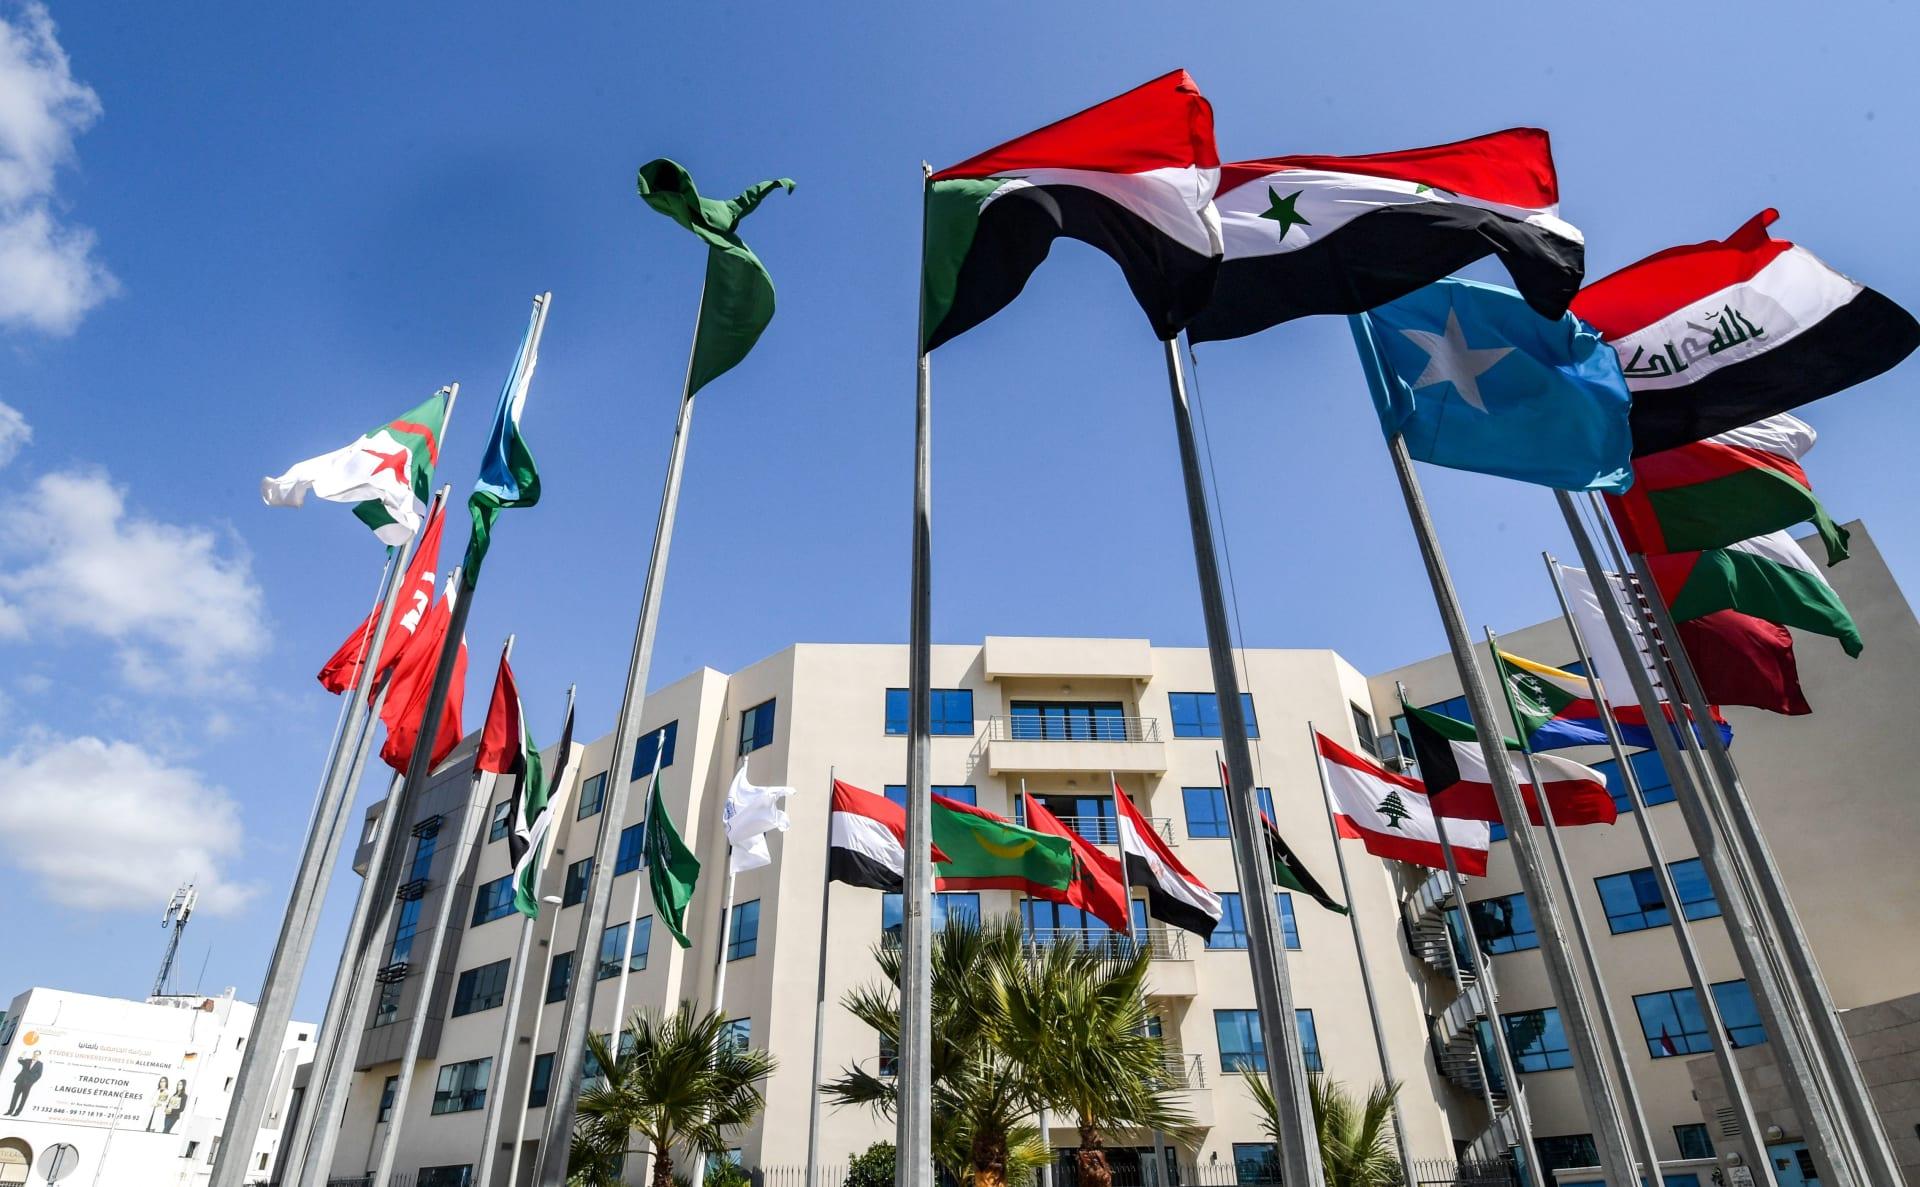 أعلام الدول الأعضاء بجامعة الدول العربية